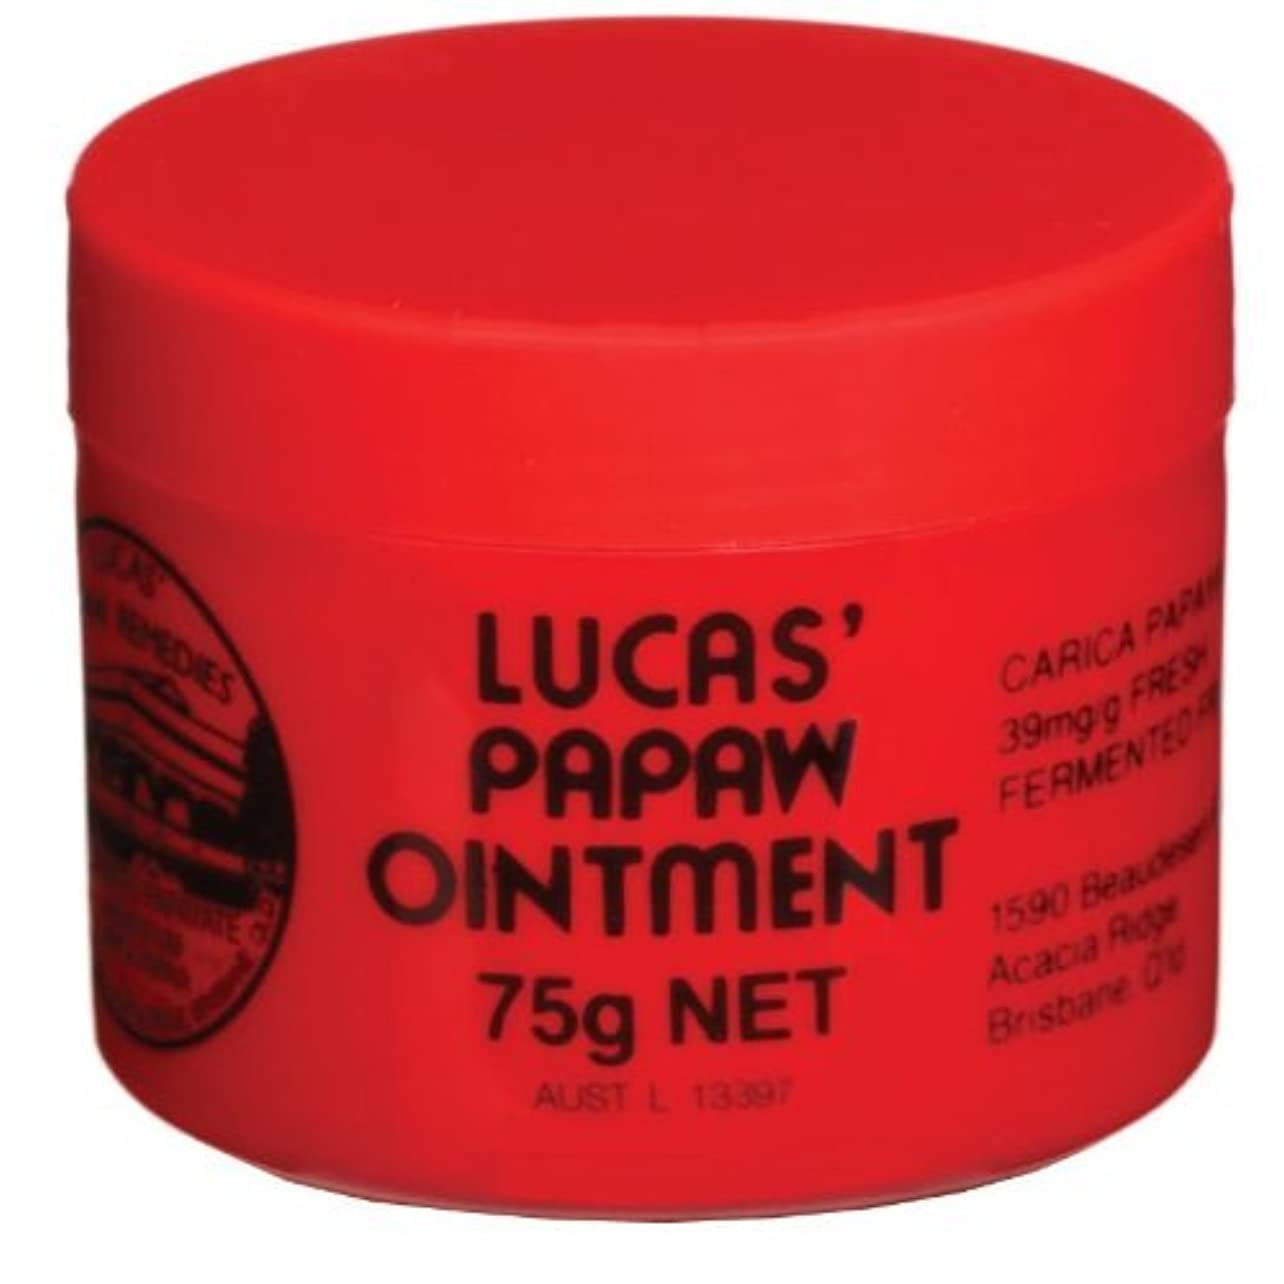 フライト破壊的なミリメートル[Lucas' Papaw Ointment] ルーカスポーポークリーム 75g